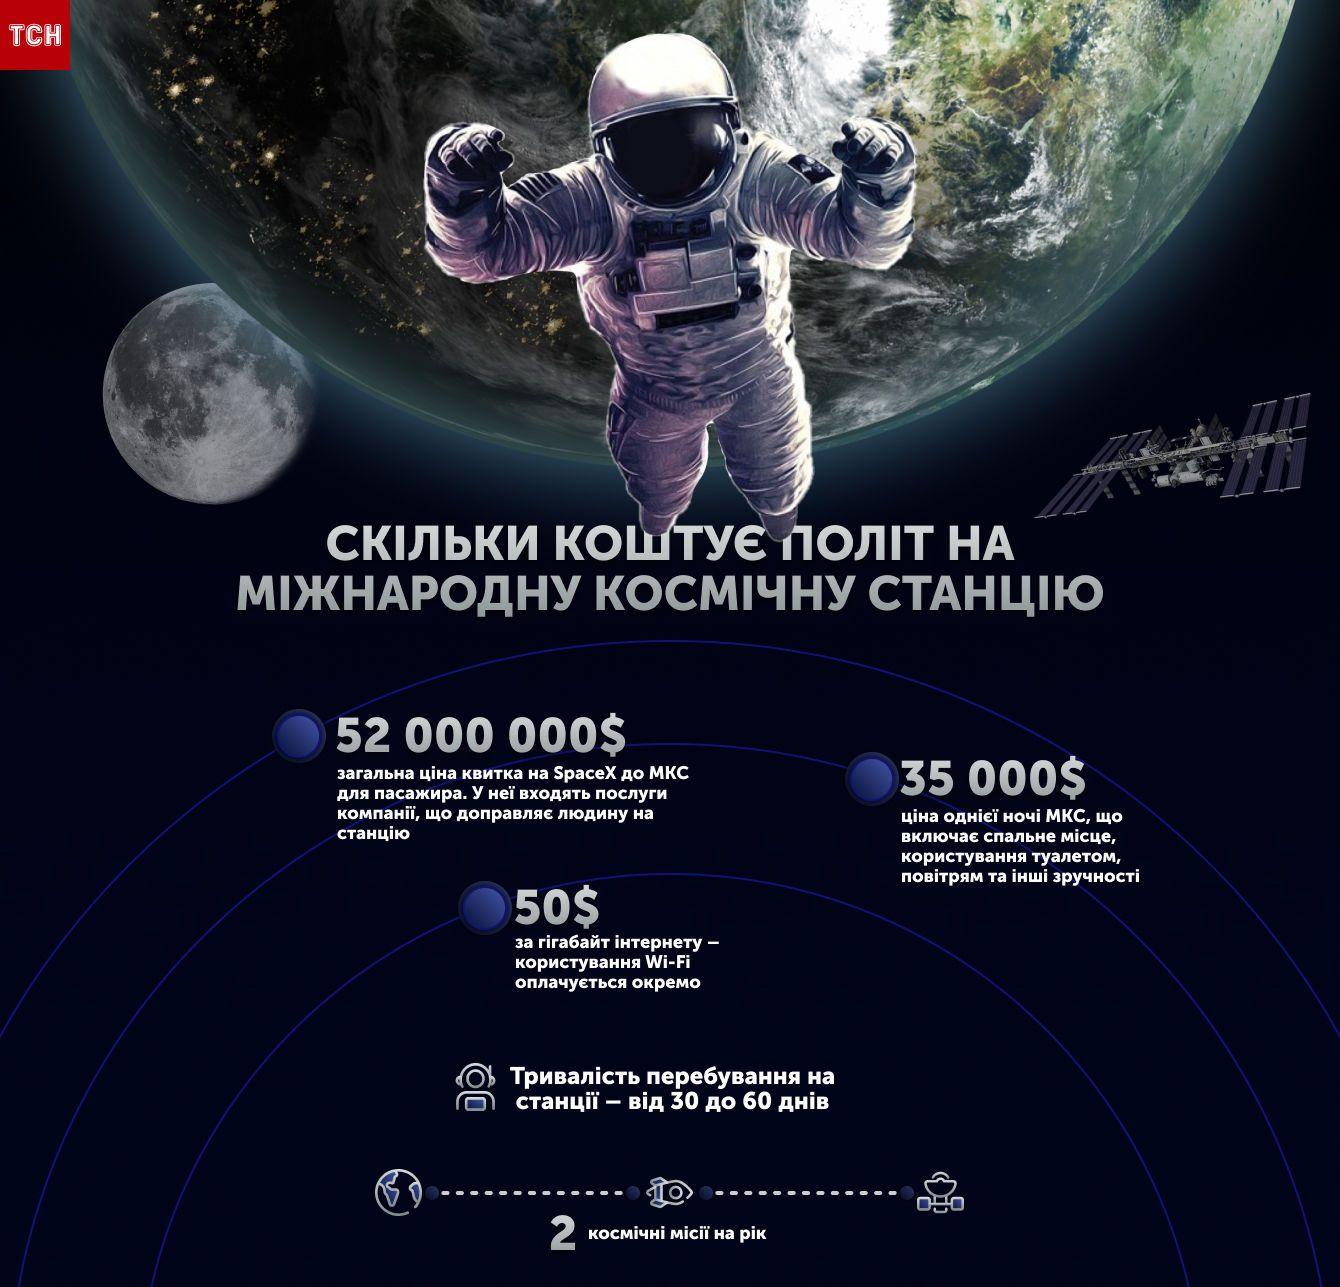 Космічний туризм інфографіка